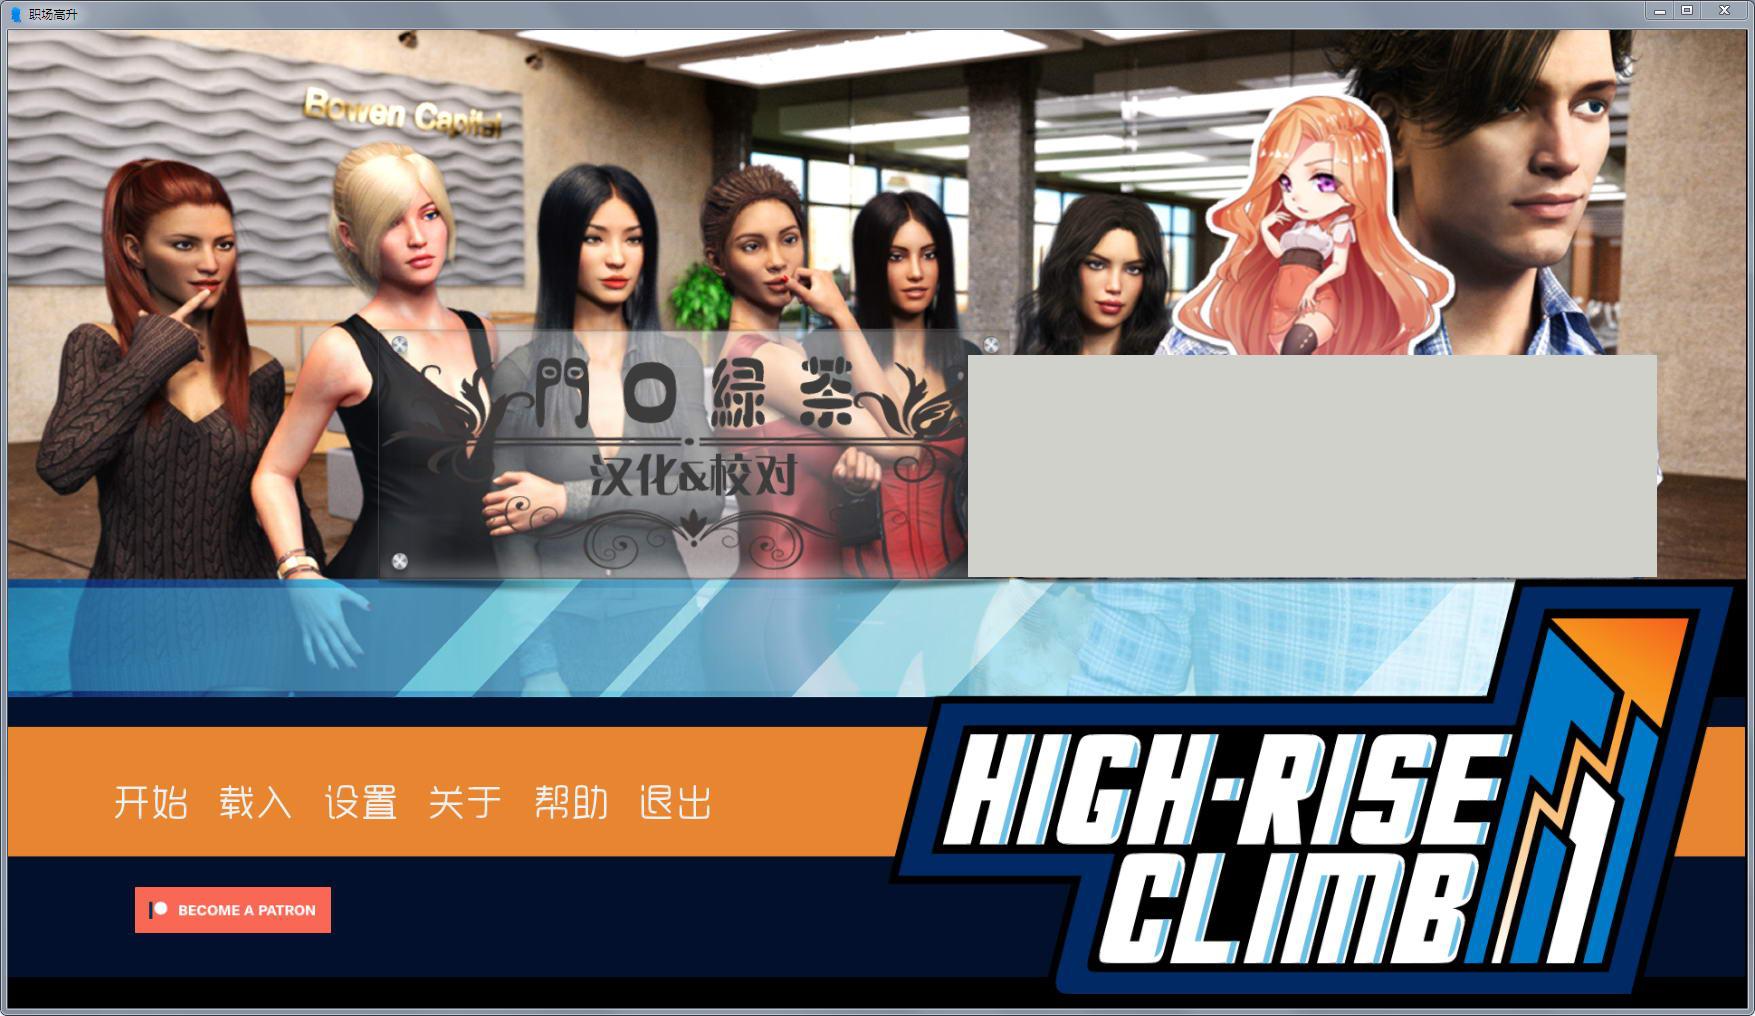 【欧美SLG/汉化/动态CG】职场高升:HighRiseClimb Ver0.80B 精翻完整汉化版【更新/7G】